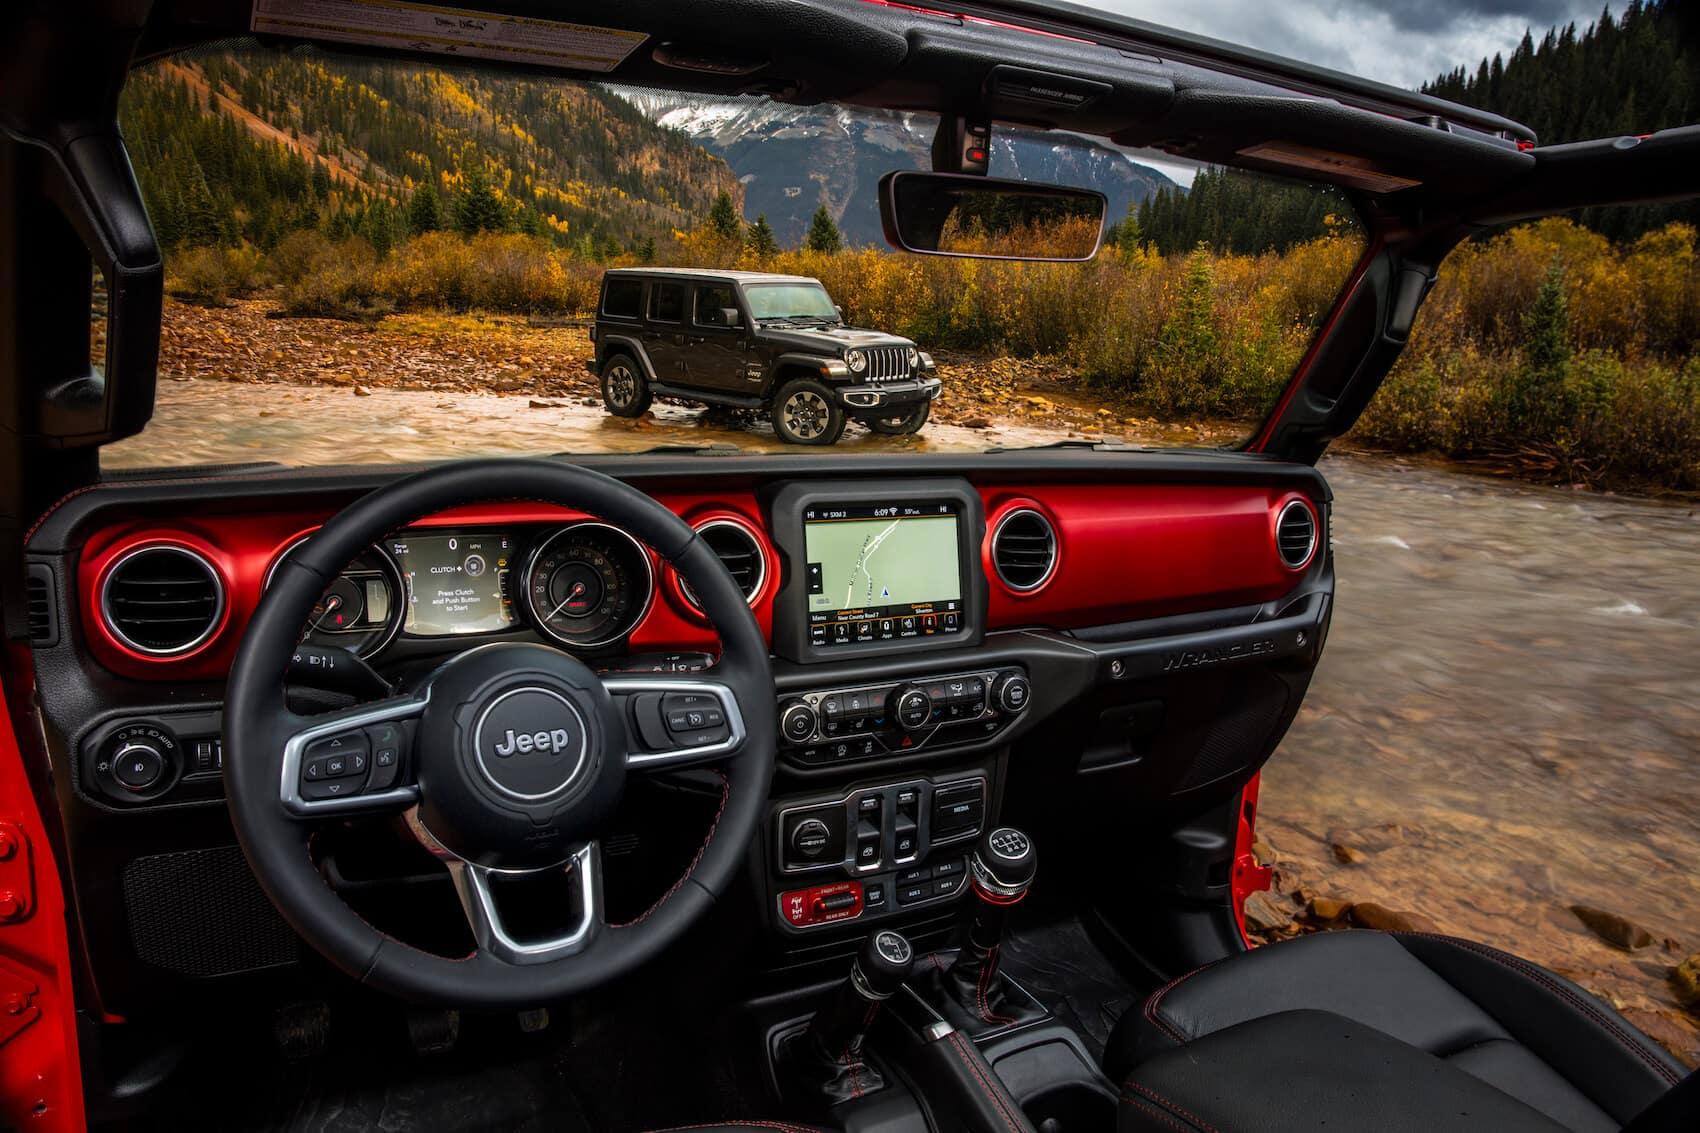 2020 Jeep Wrangler Interior Brockton Ma Cjdr 24